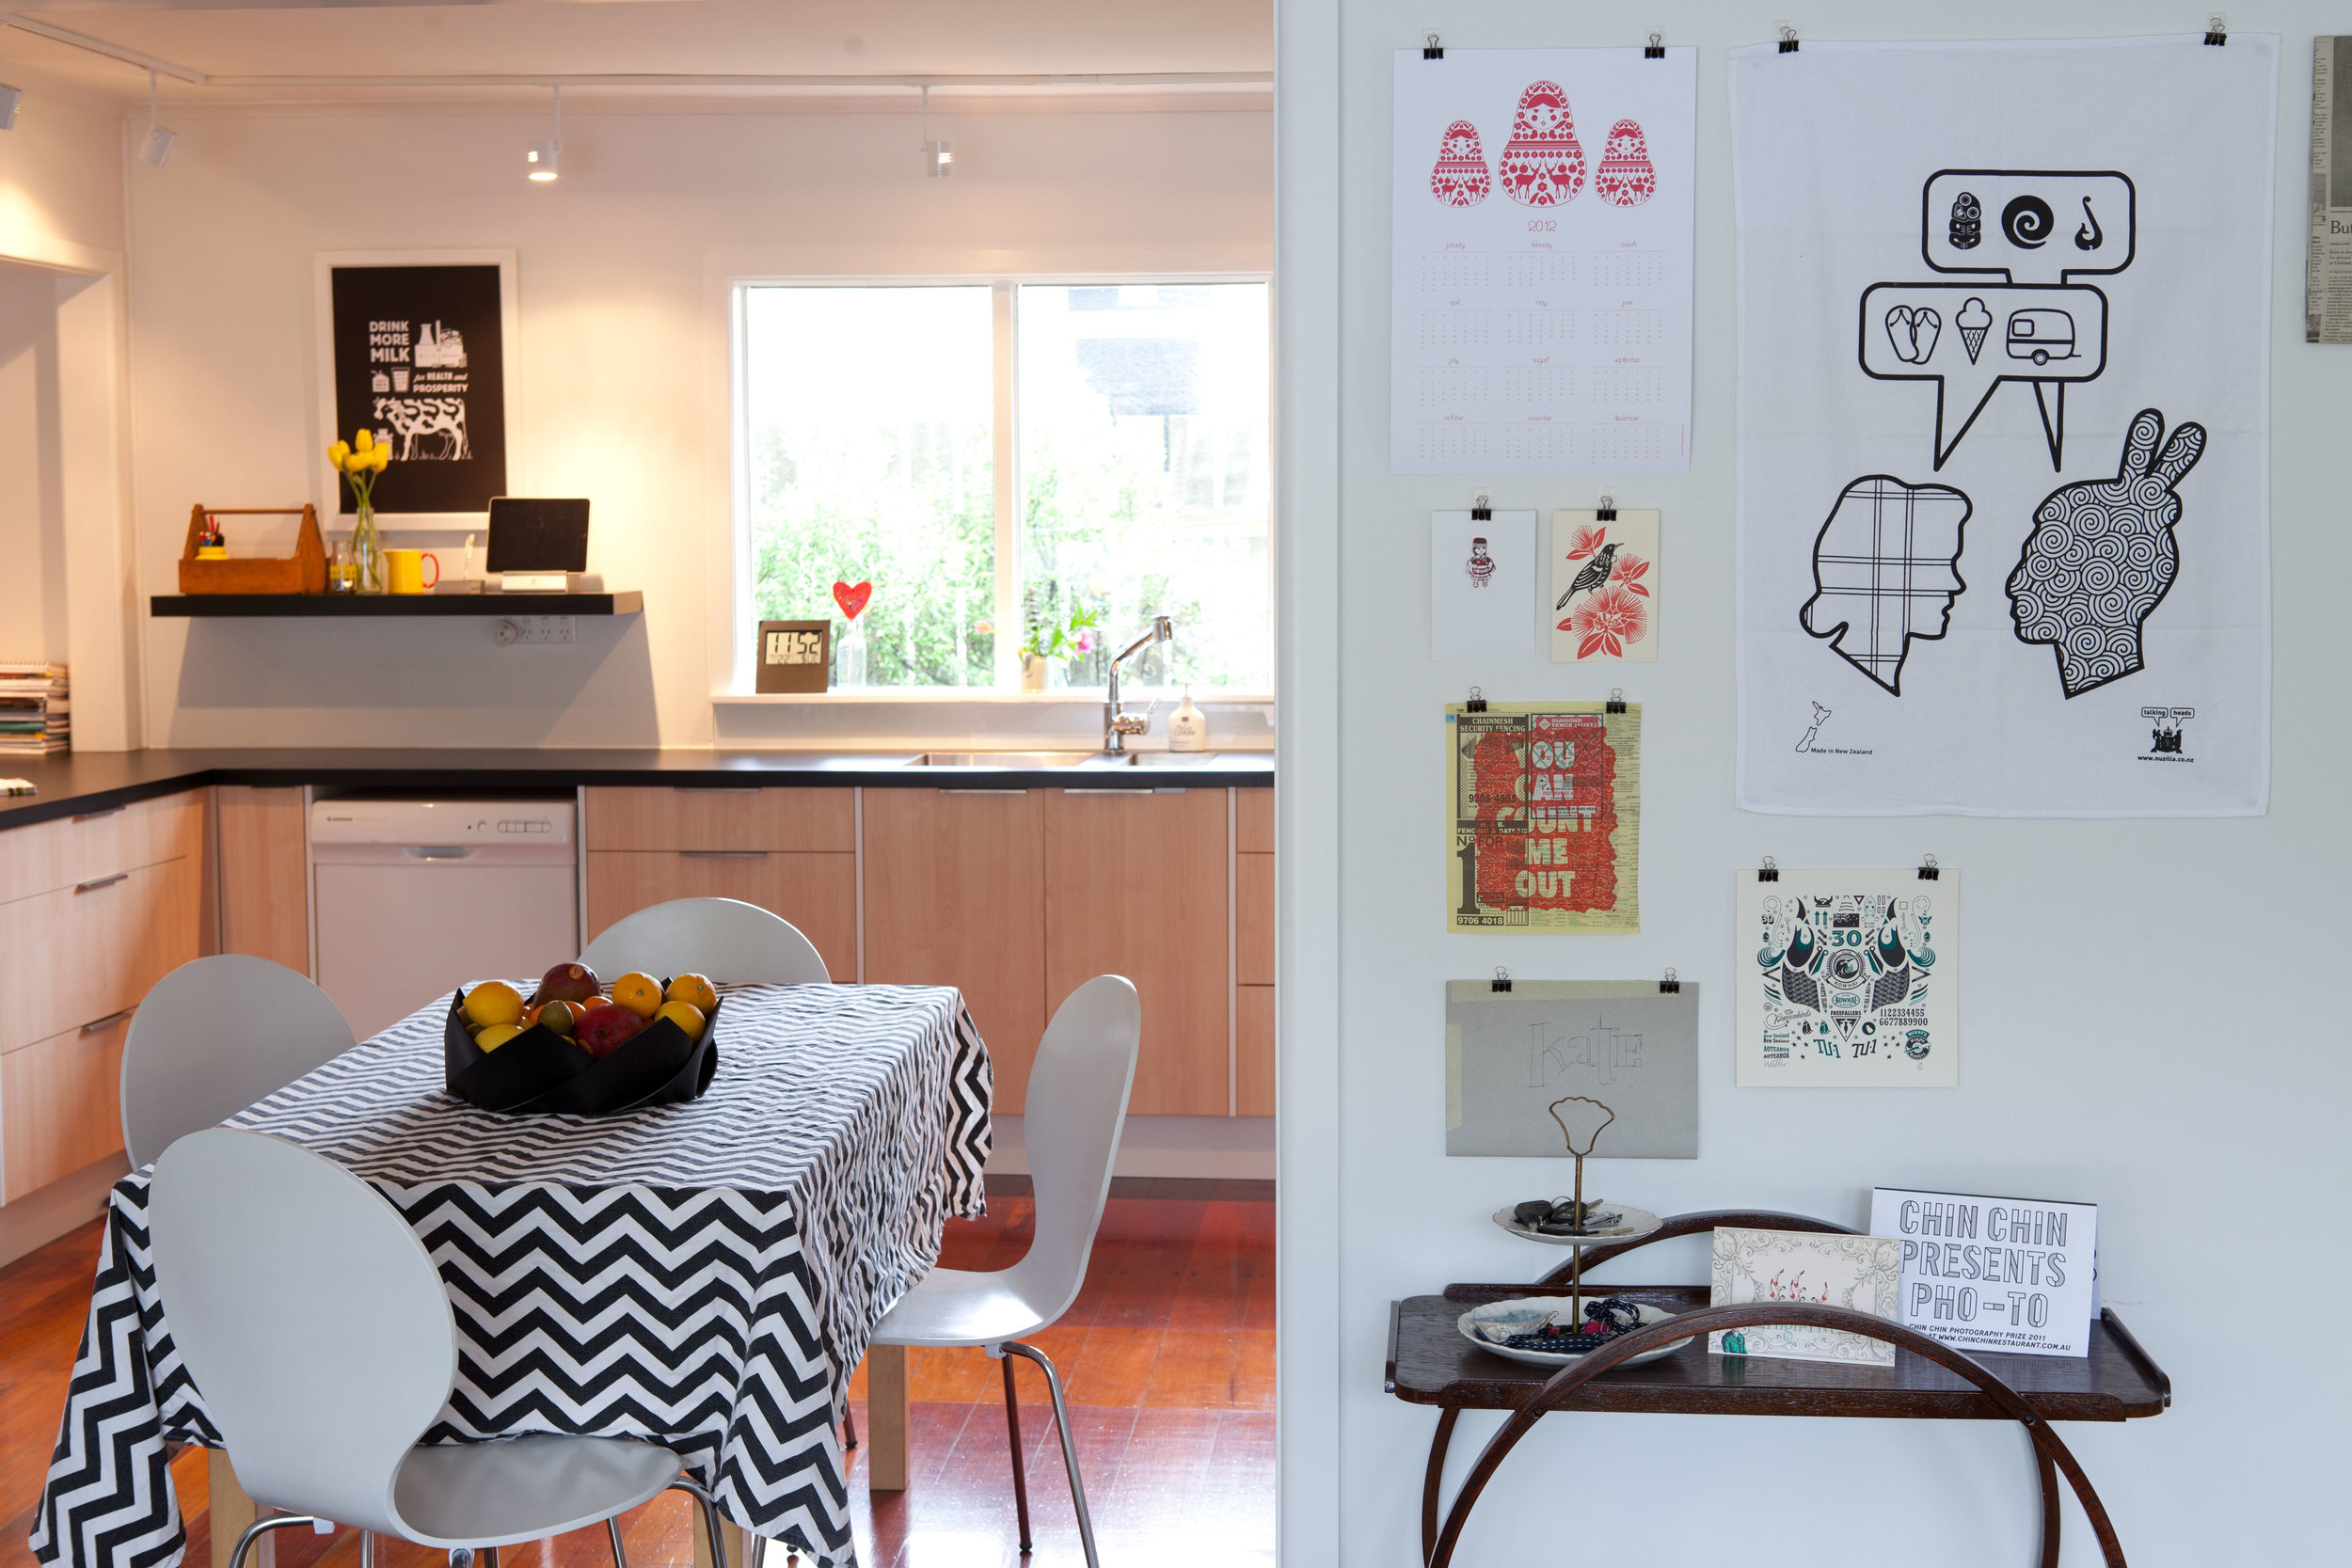 OwensRd-Kitchen-LookThrough.jpg